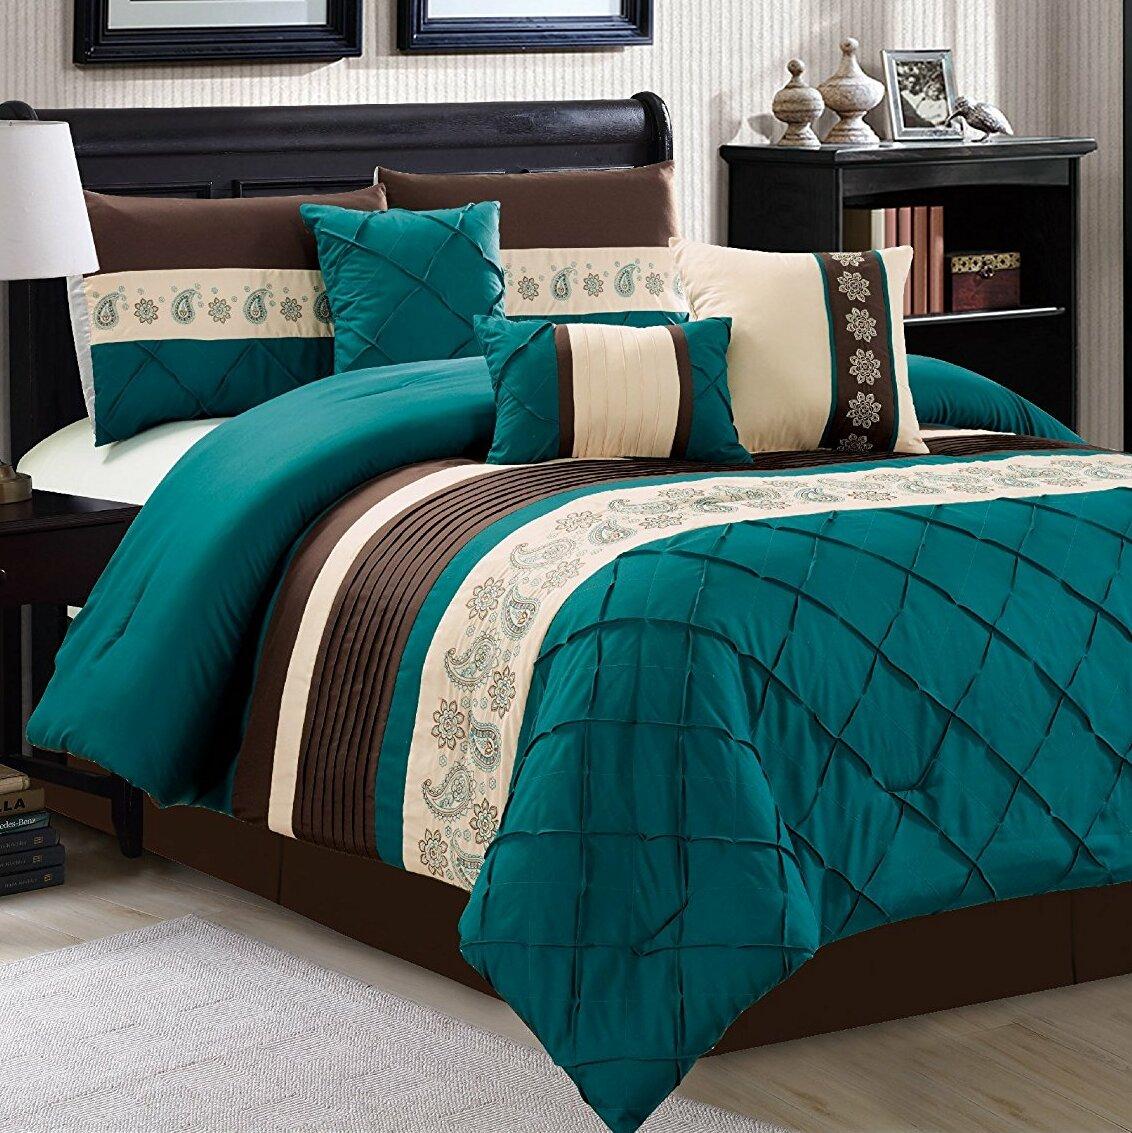 Latitude Run Hungate 7 Piece Comforter Set Reviews Wayfair